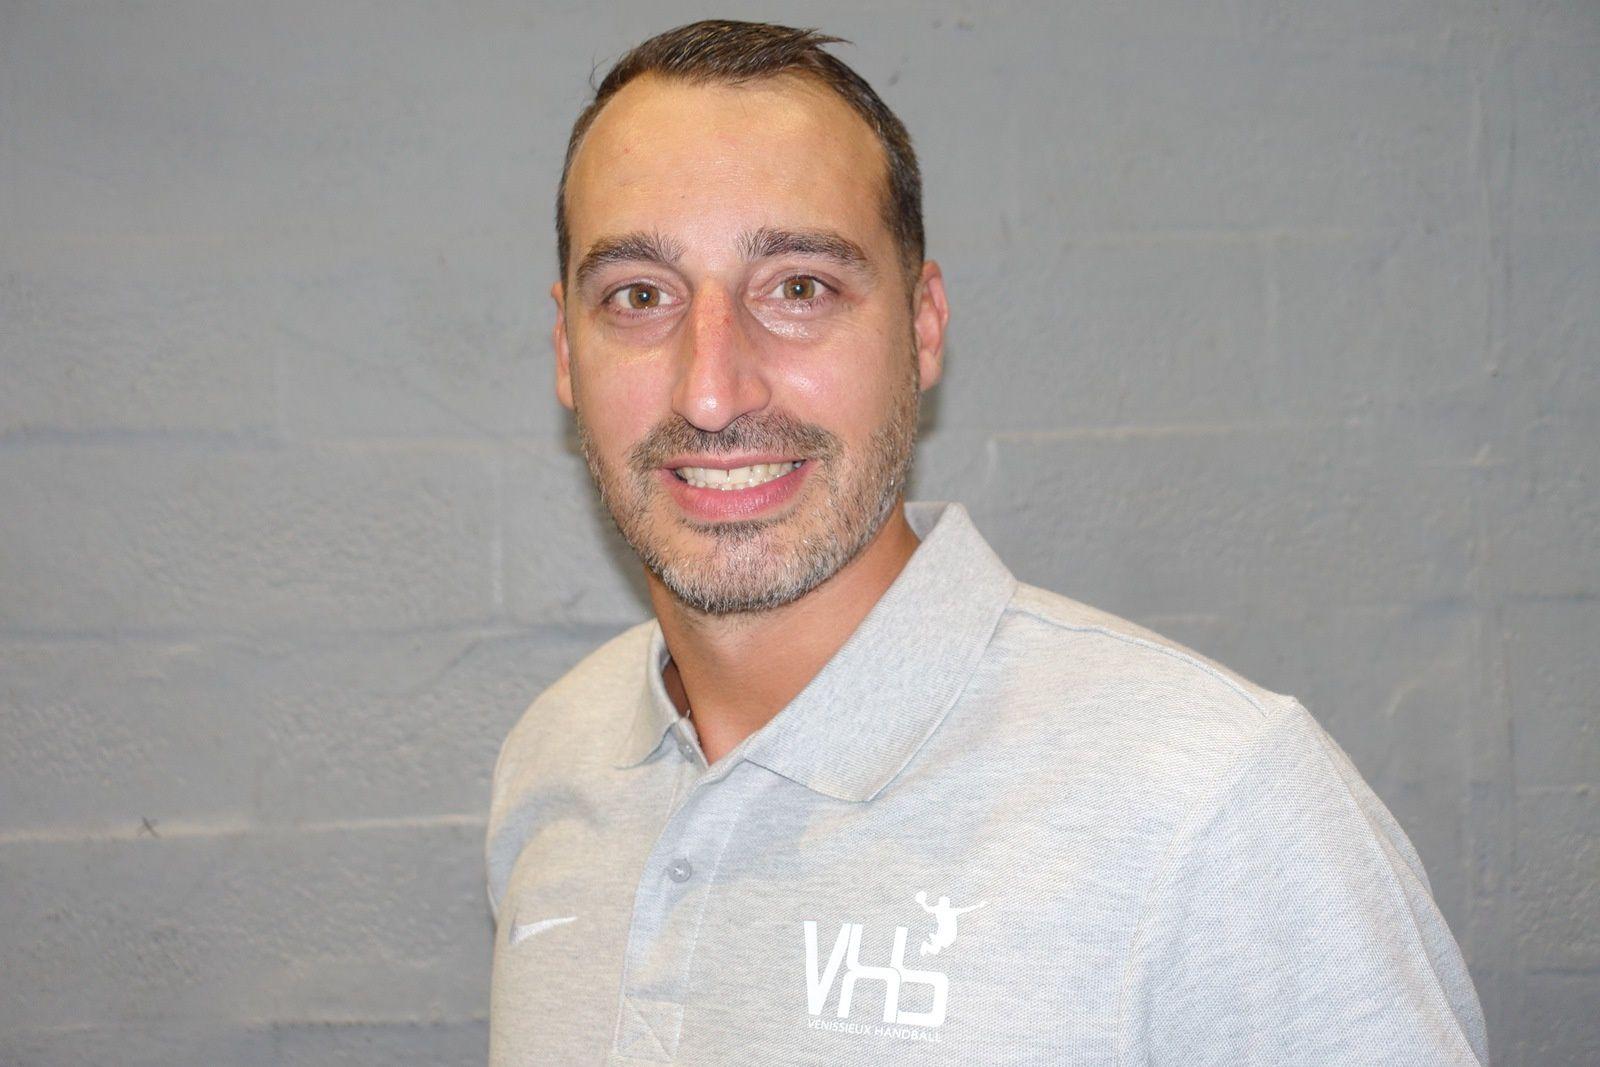 Pour Olivier Odisio entraîneur du VHB, il y a un monde d'écart entre les deux équipes de cette éliminatoire